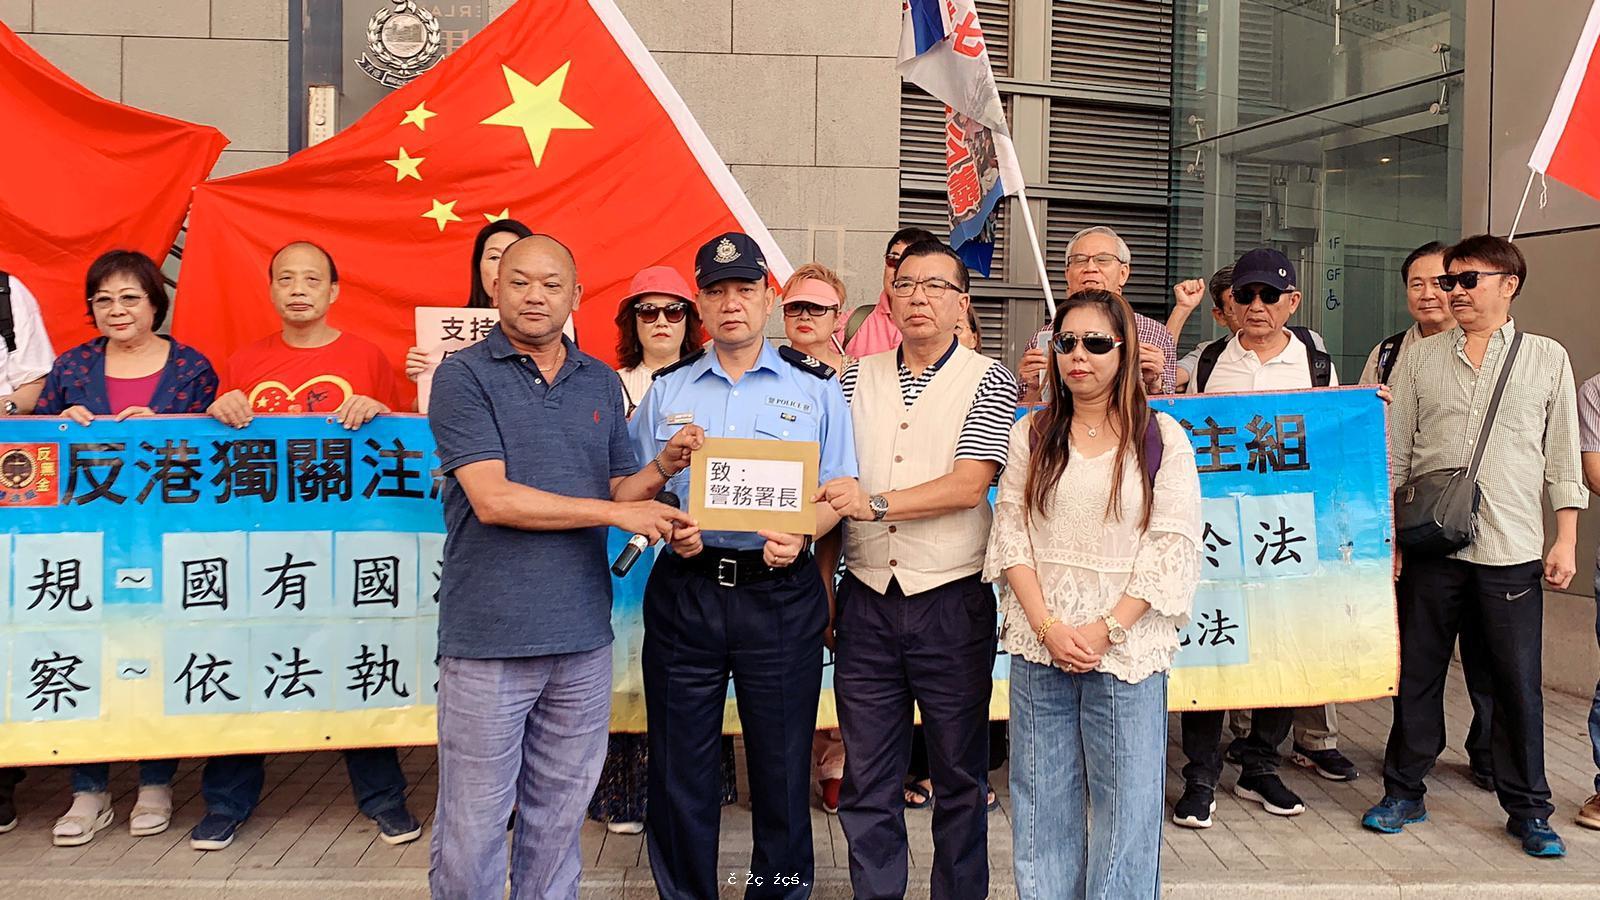 市民團體赴警總請願 促警方加大力度止暴制亂-華發網繁體版